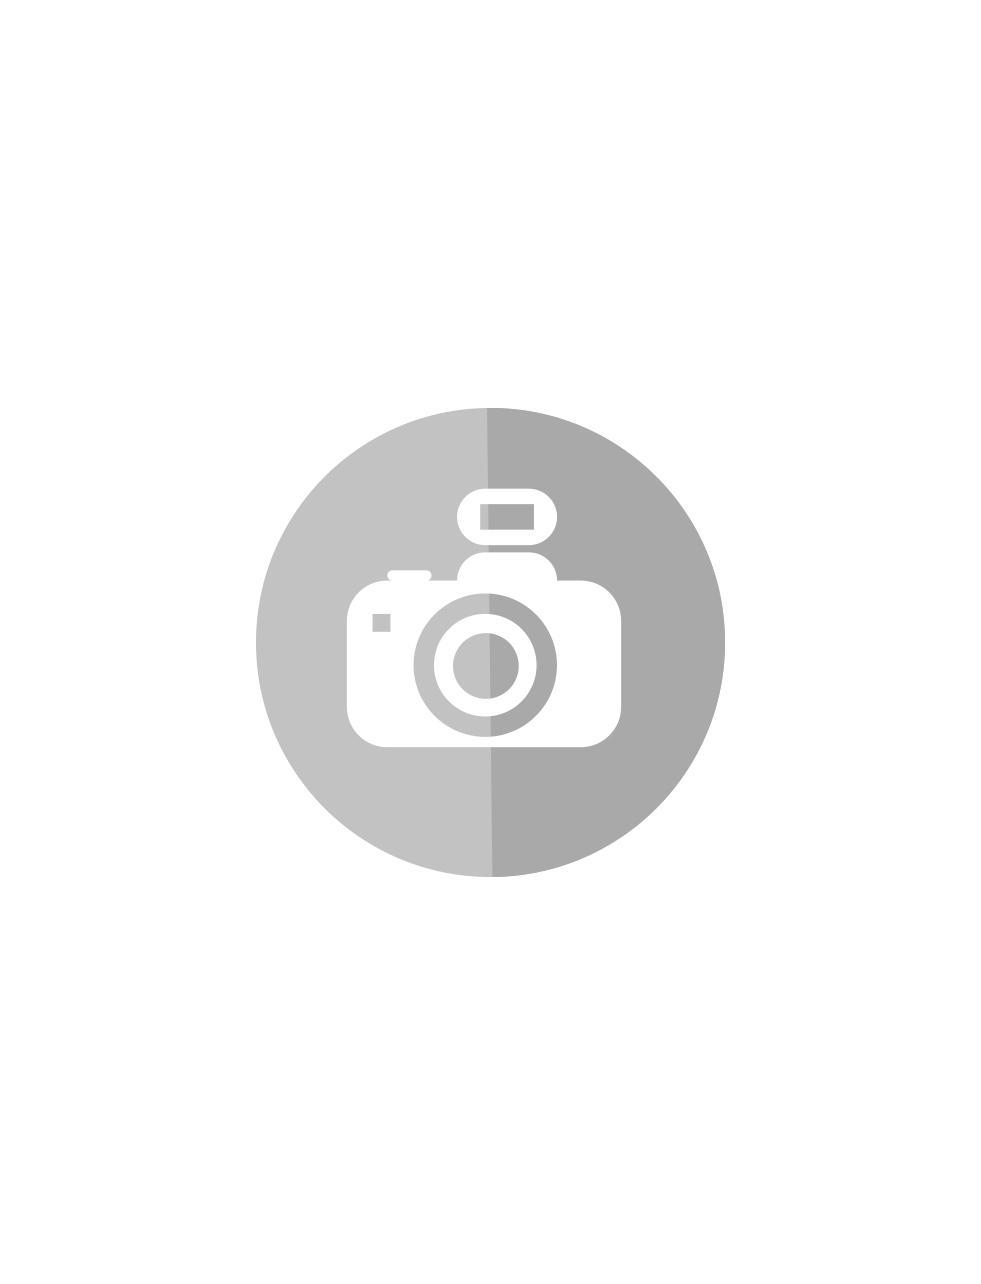 30250422_sparepart/Stange 20 x 3 6 mm